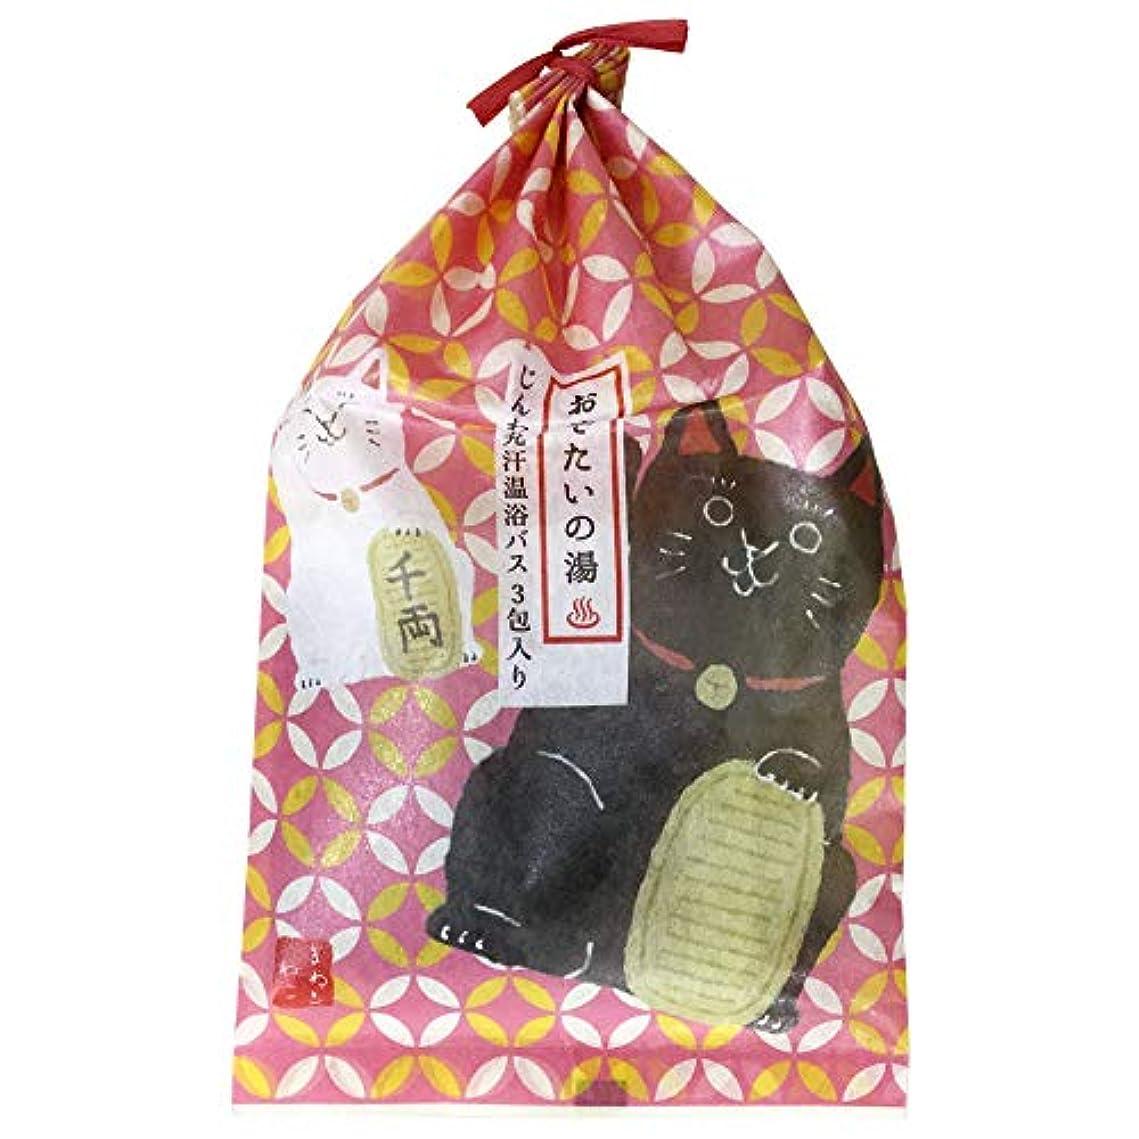 共産主義ソーセージ爬虫類【招き猫(60789)】 チャーリー おめでたいの湯 バスバッグ3包入り 日本製